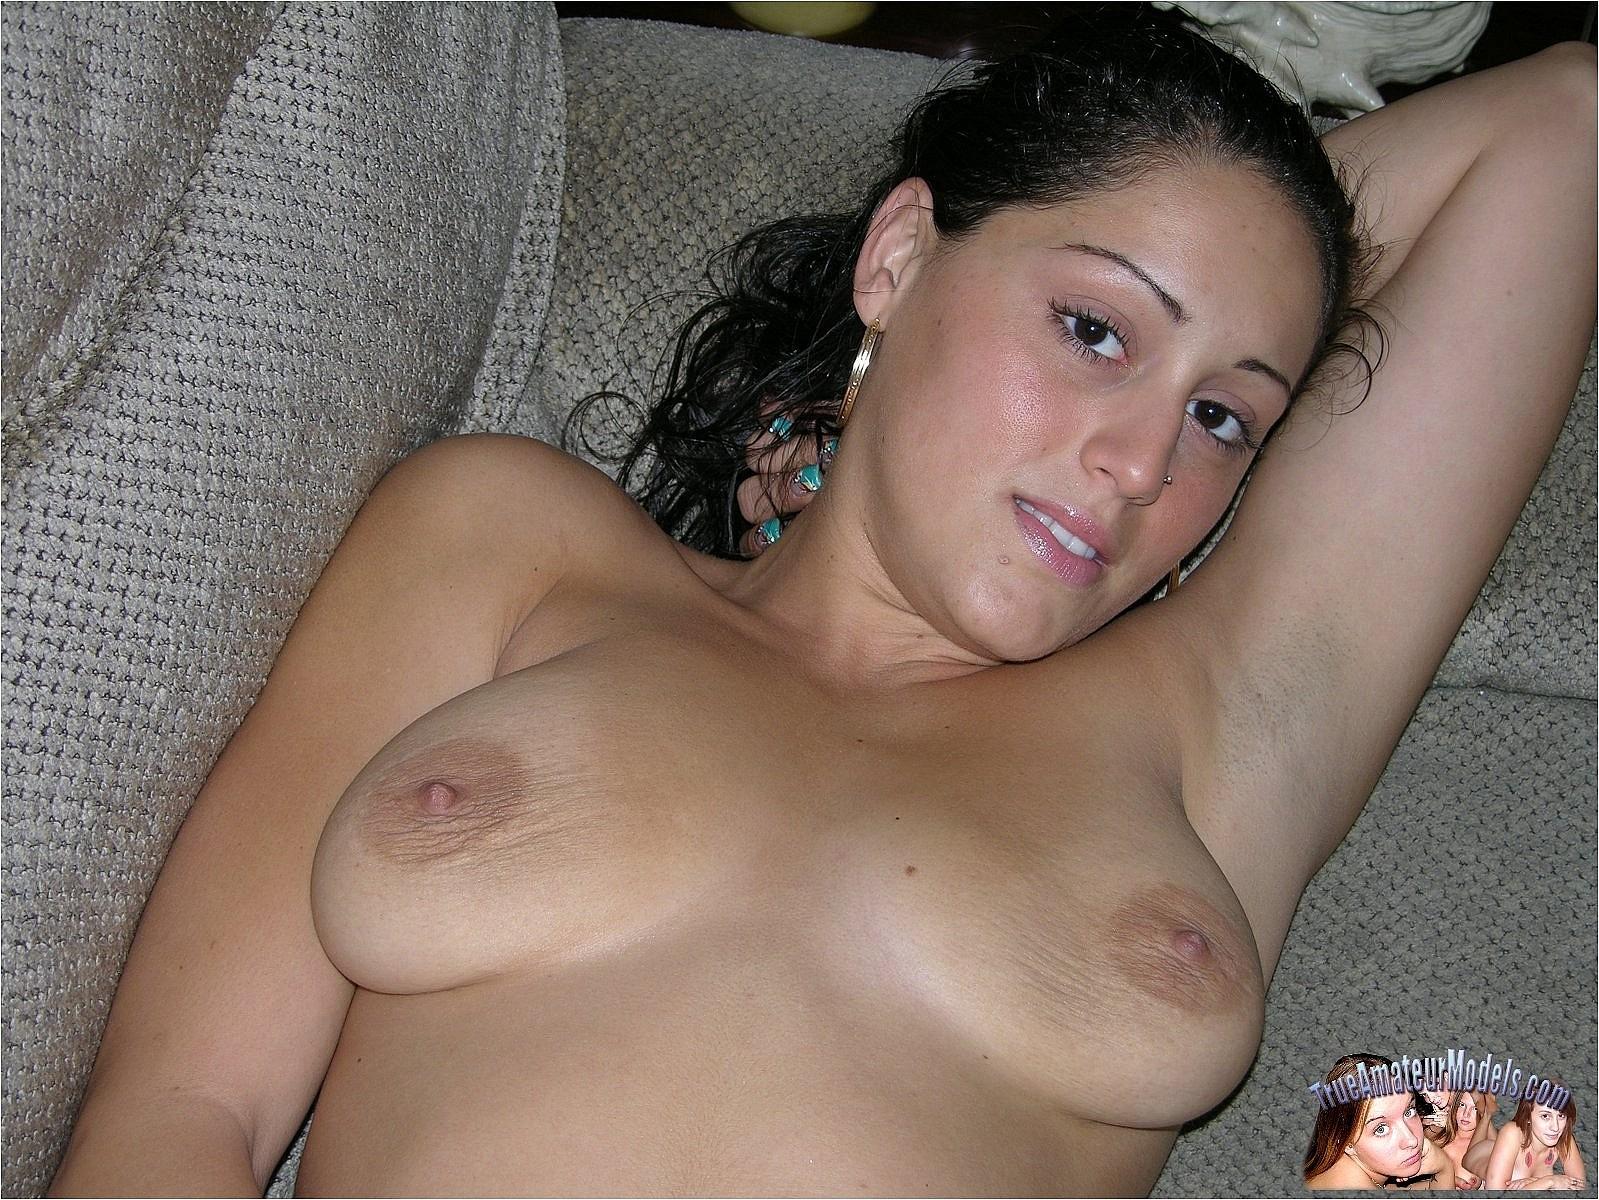 Big Natural Tits Amateur Wife